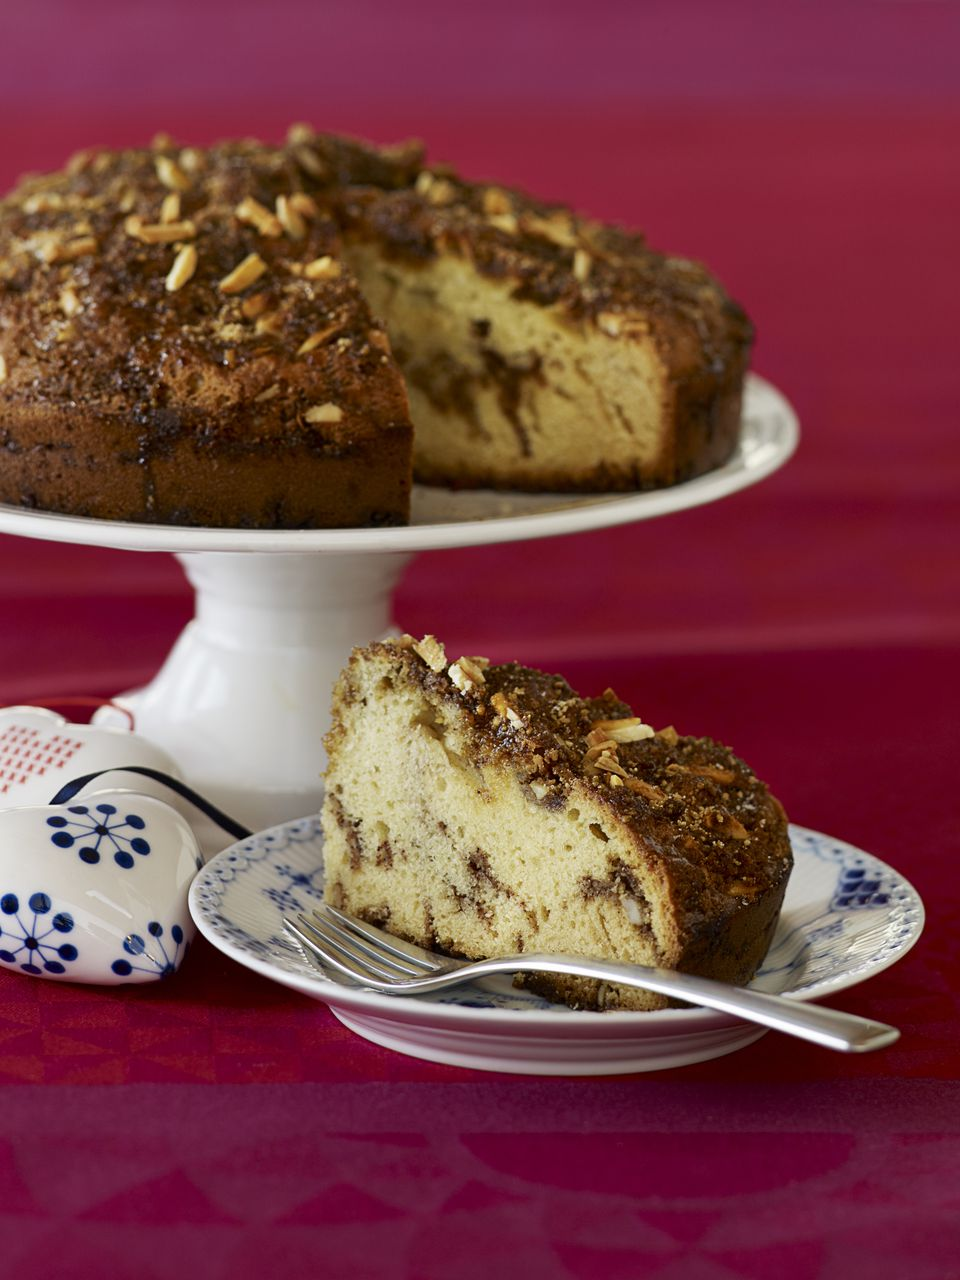 Receta escandinava de pastel de almendras favorita de los Estados Unidos